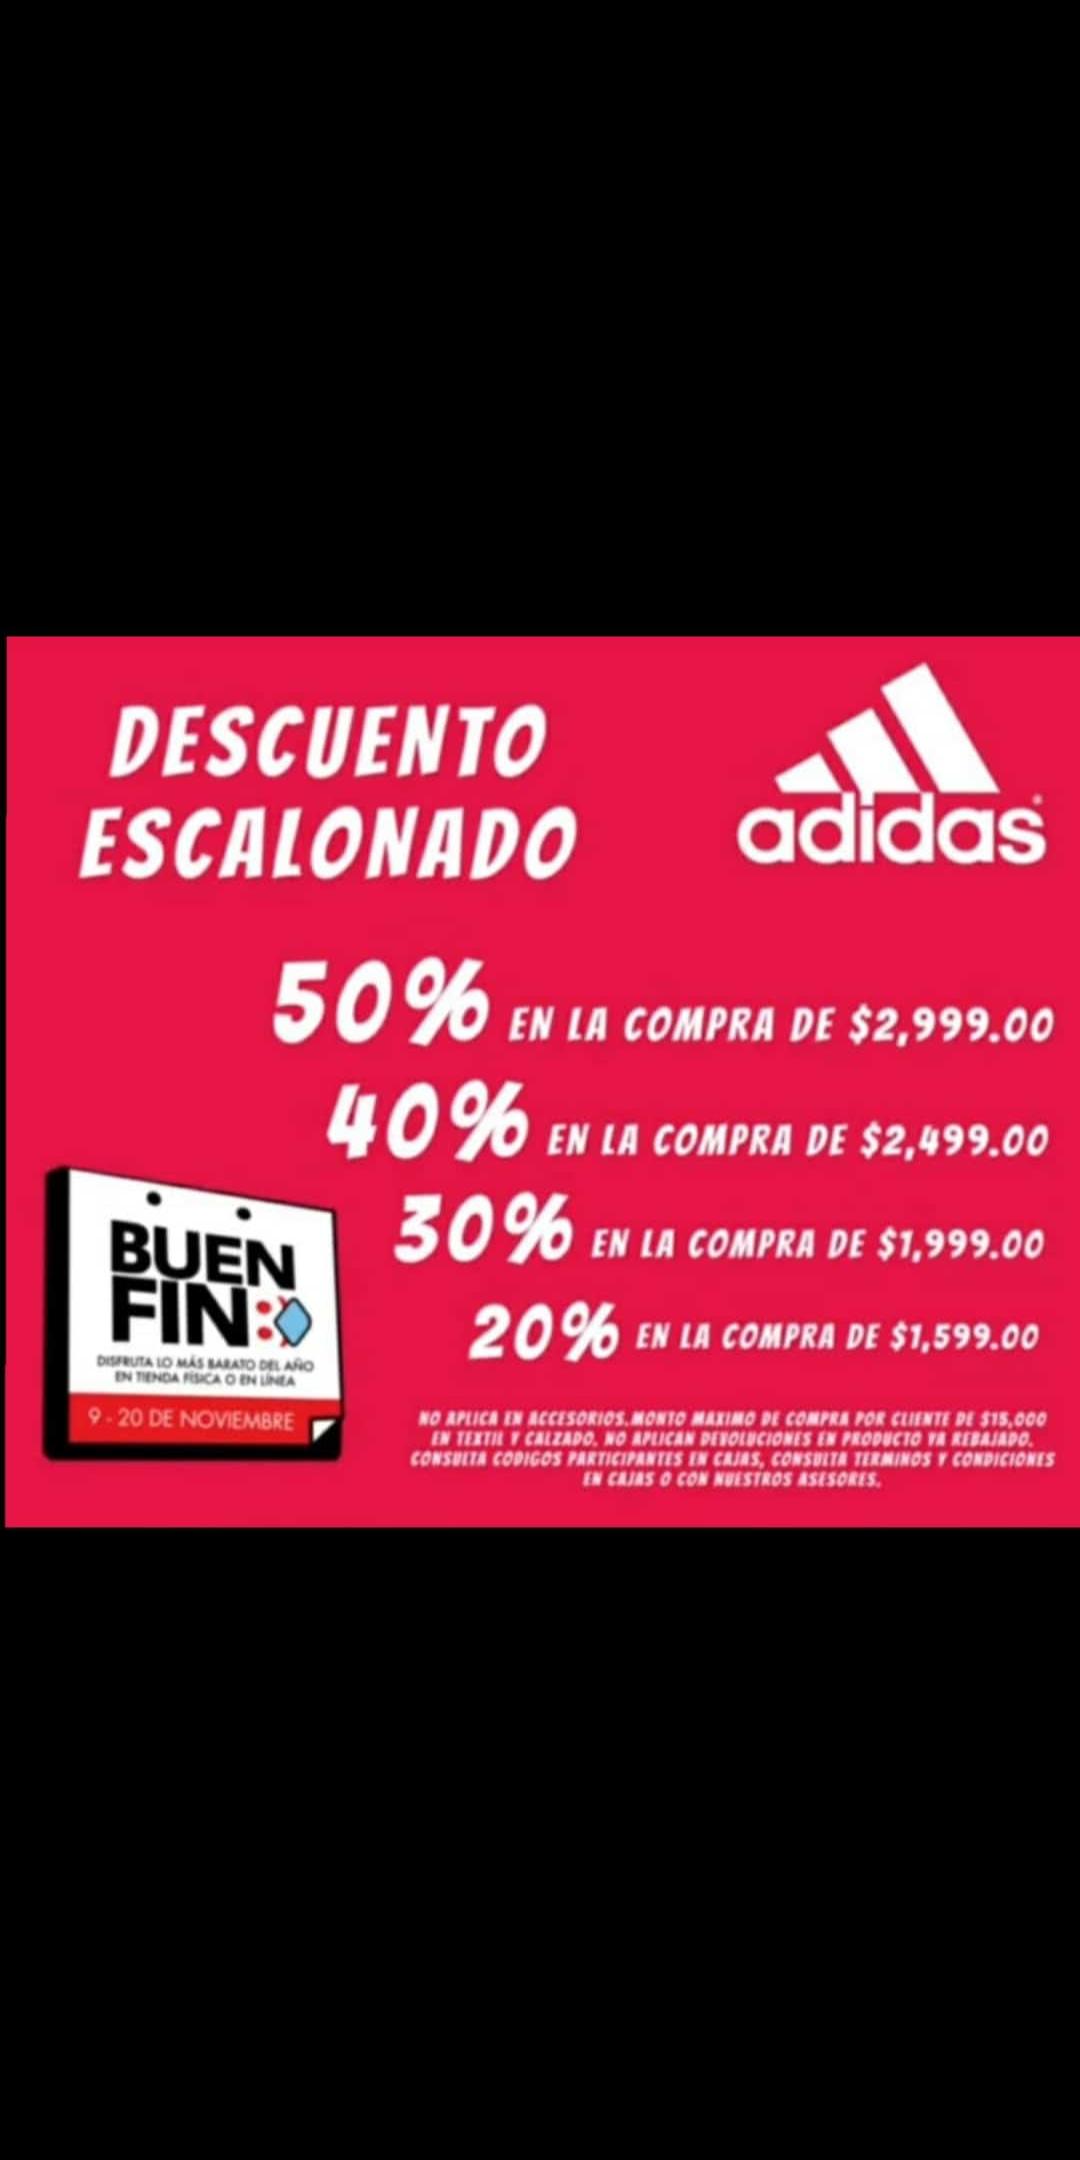 Adidas outlet descuento escalonado hasta el 50%